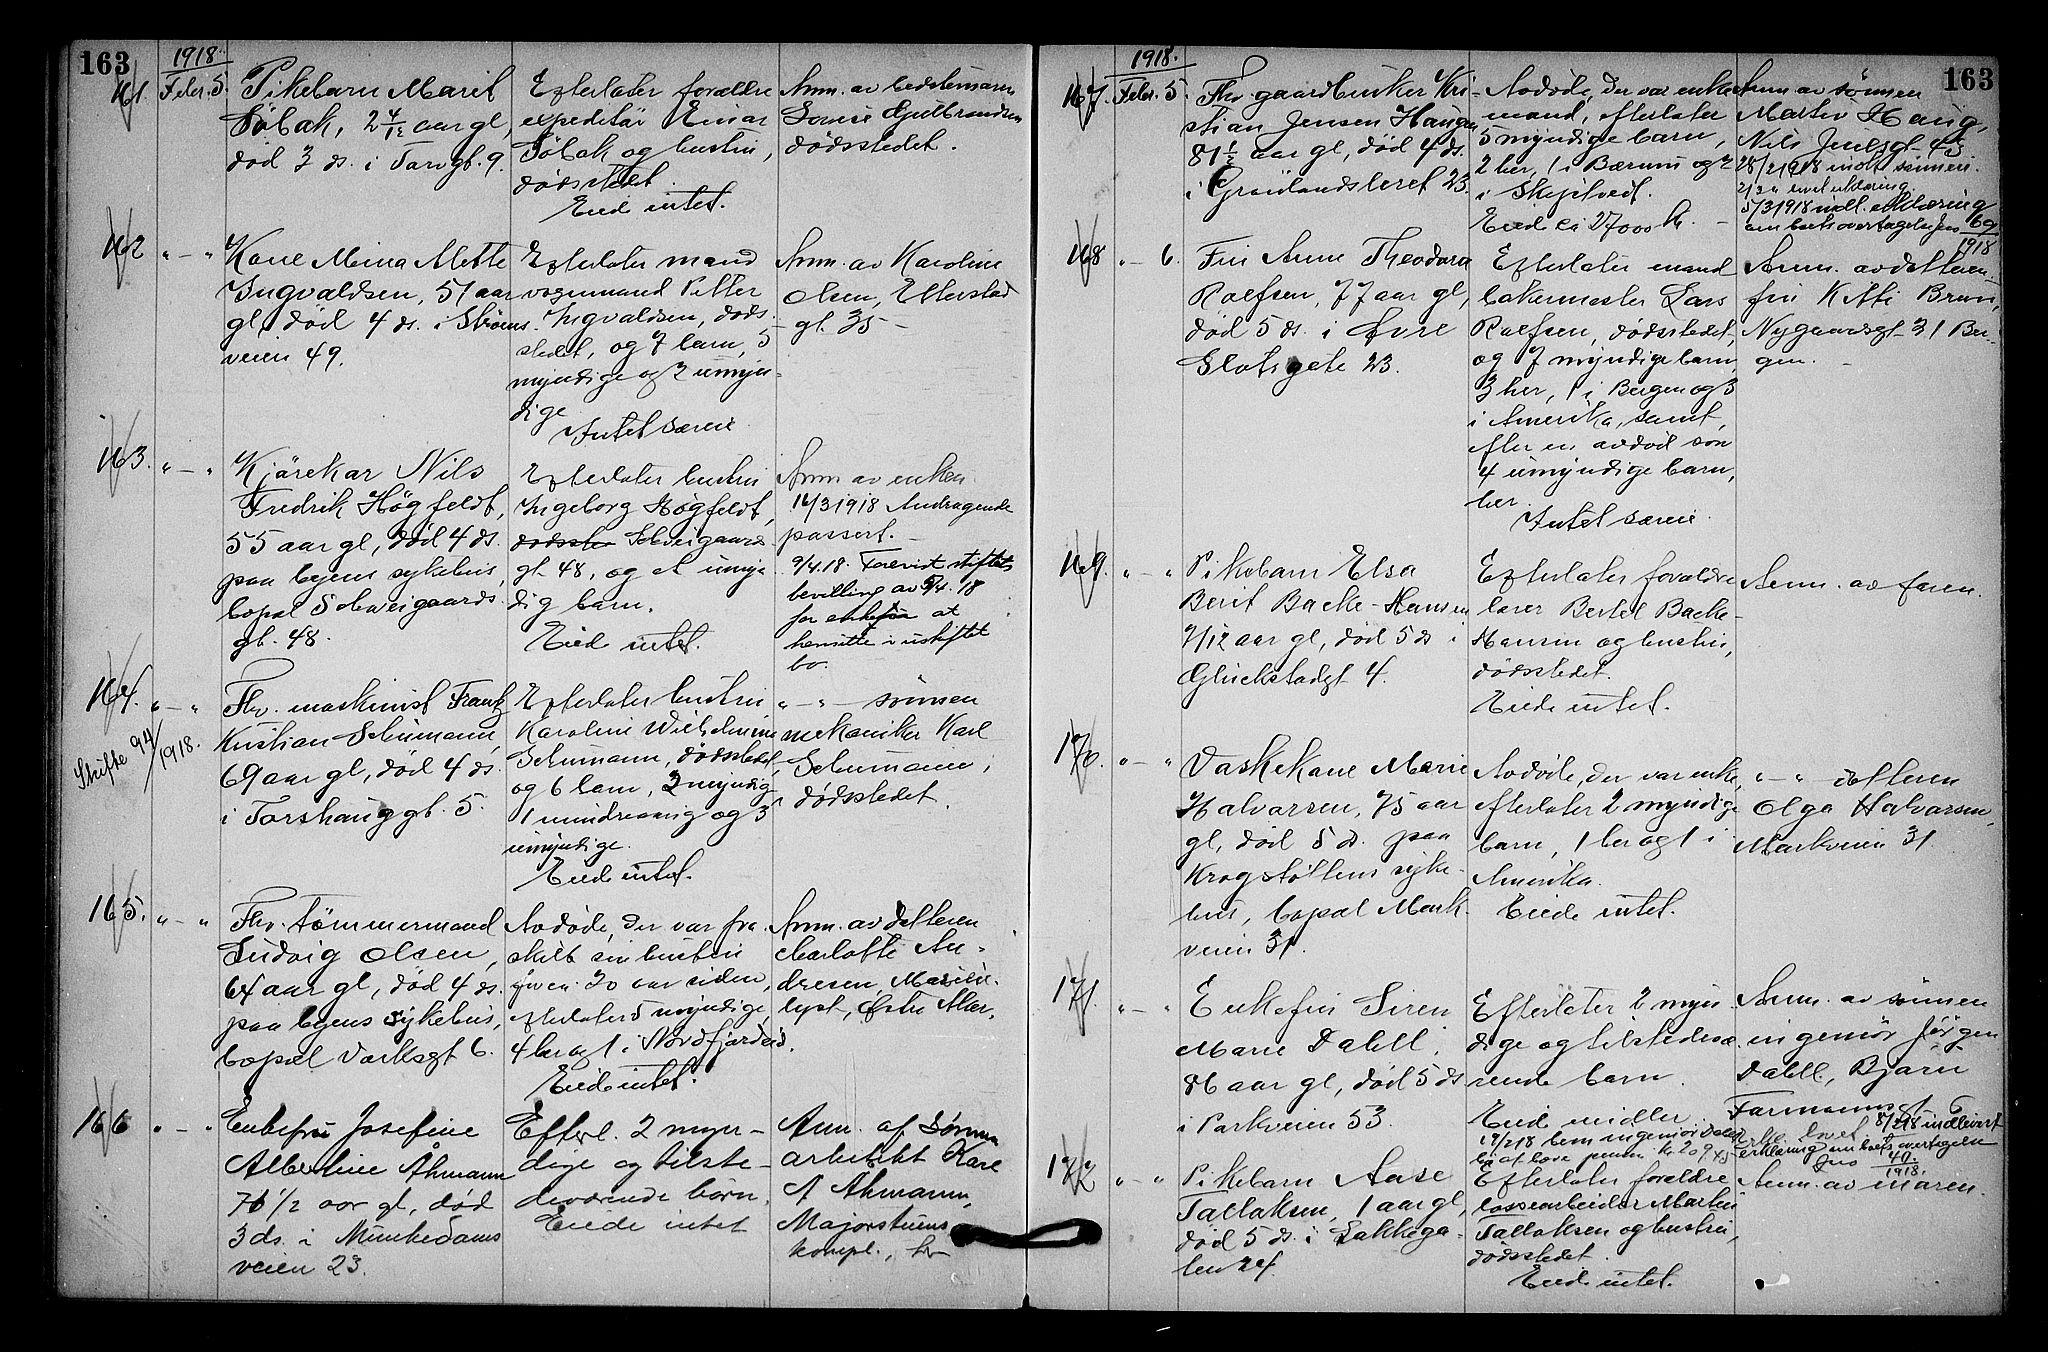 SAO, Oslo skifterett, G/Ga/Gab/L0009: Dødsfallsprotokoll, 1917-1918, s. 163